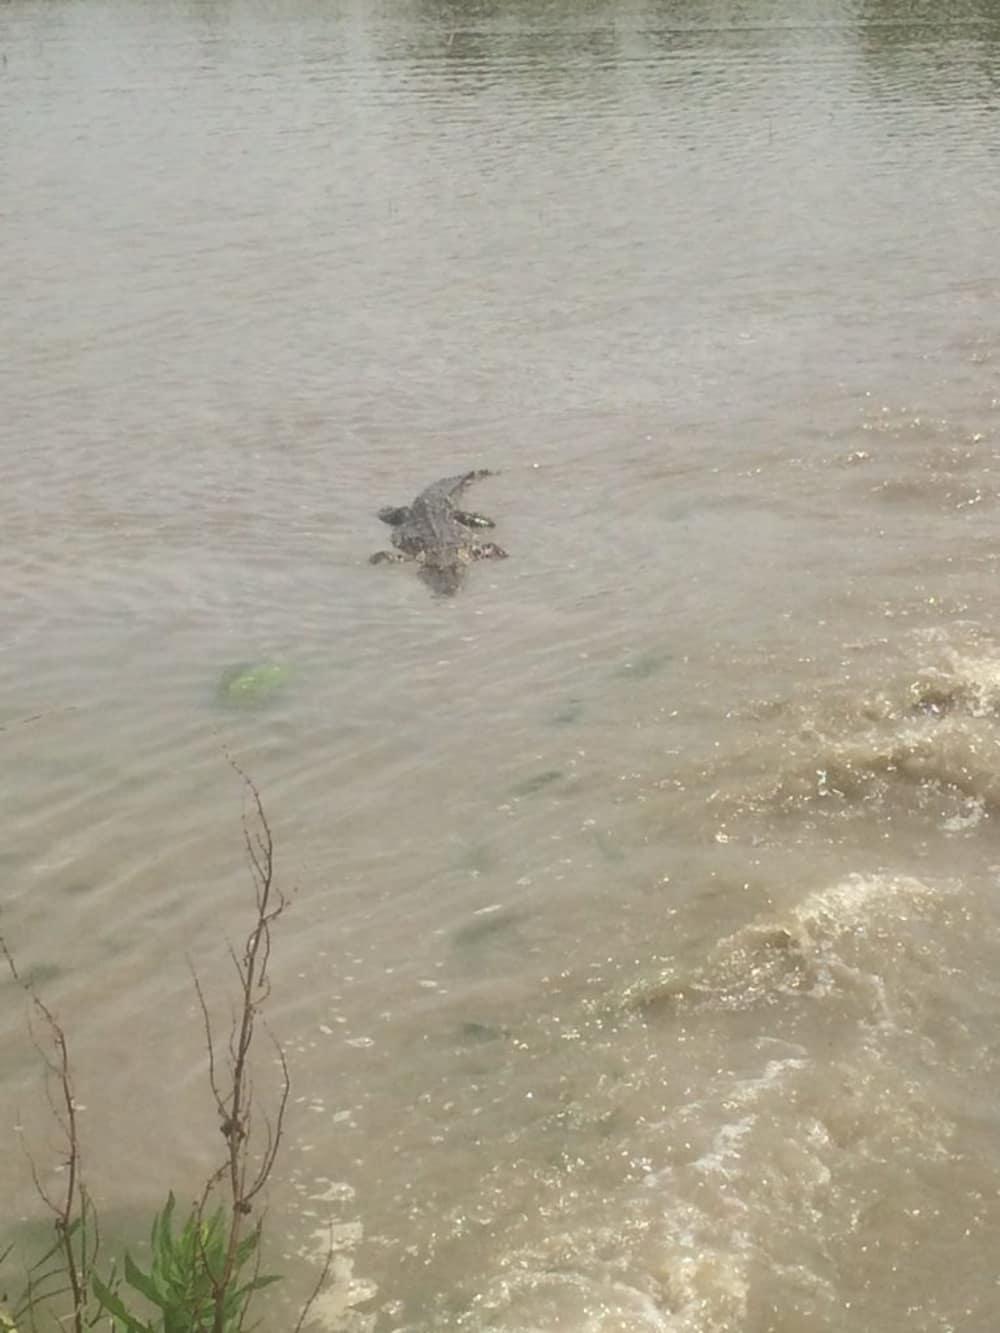 Alligators in my Crawfish Pond!